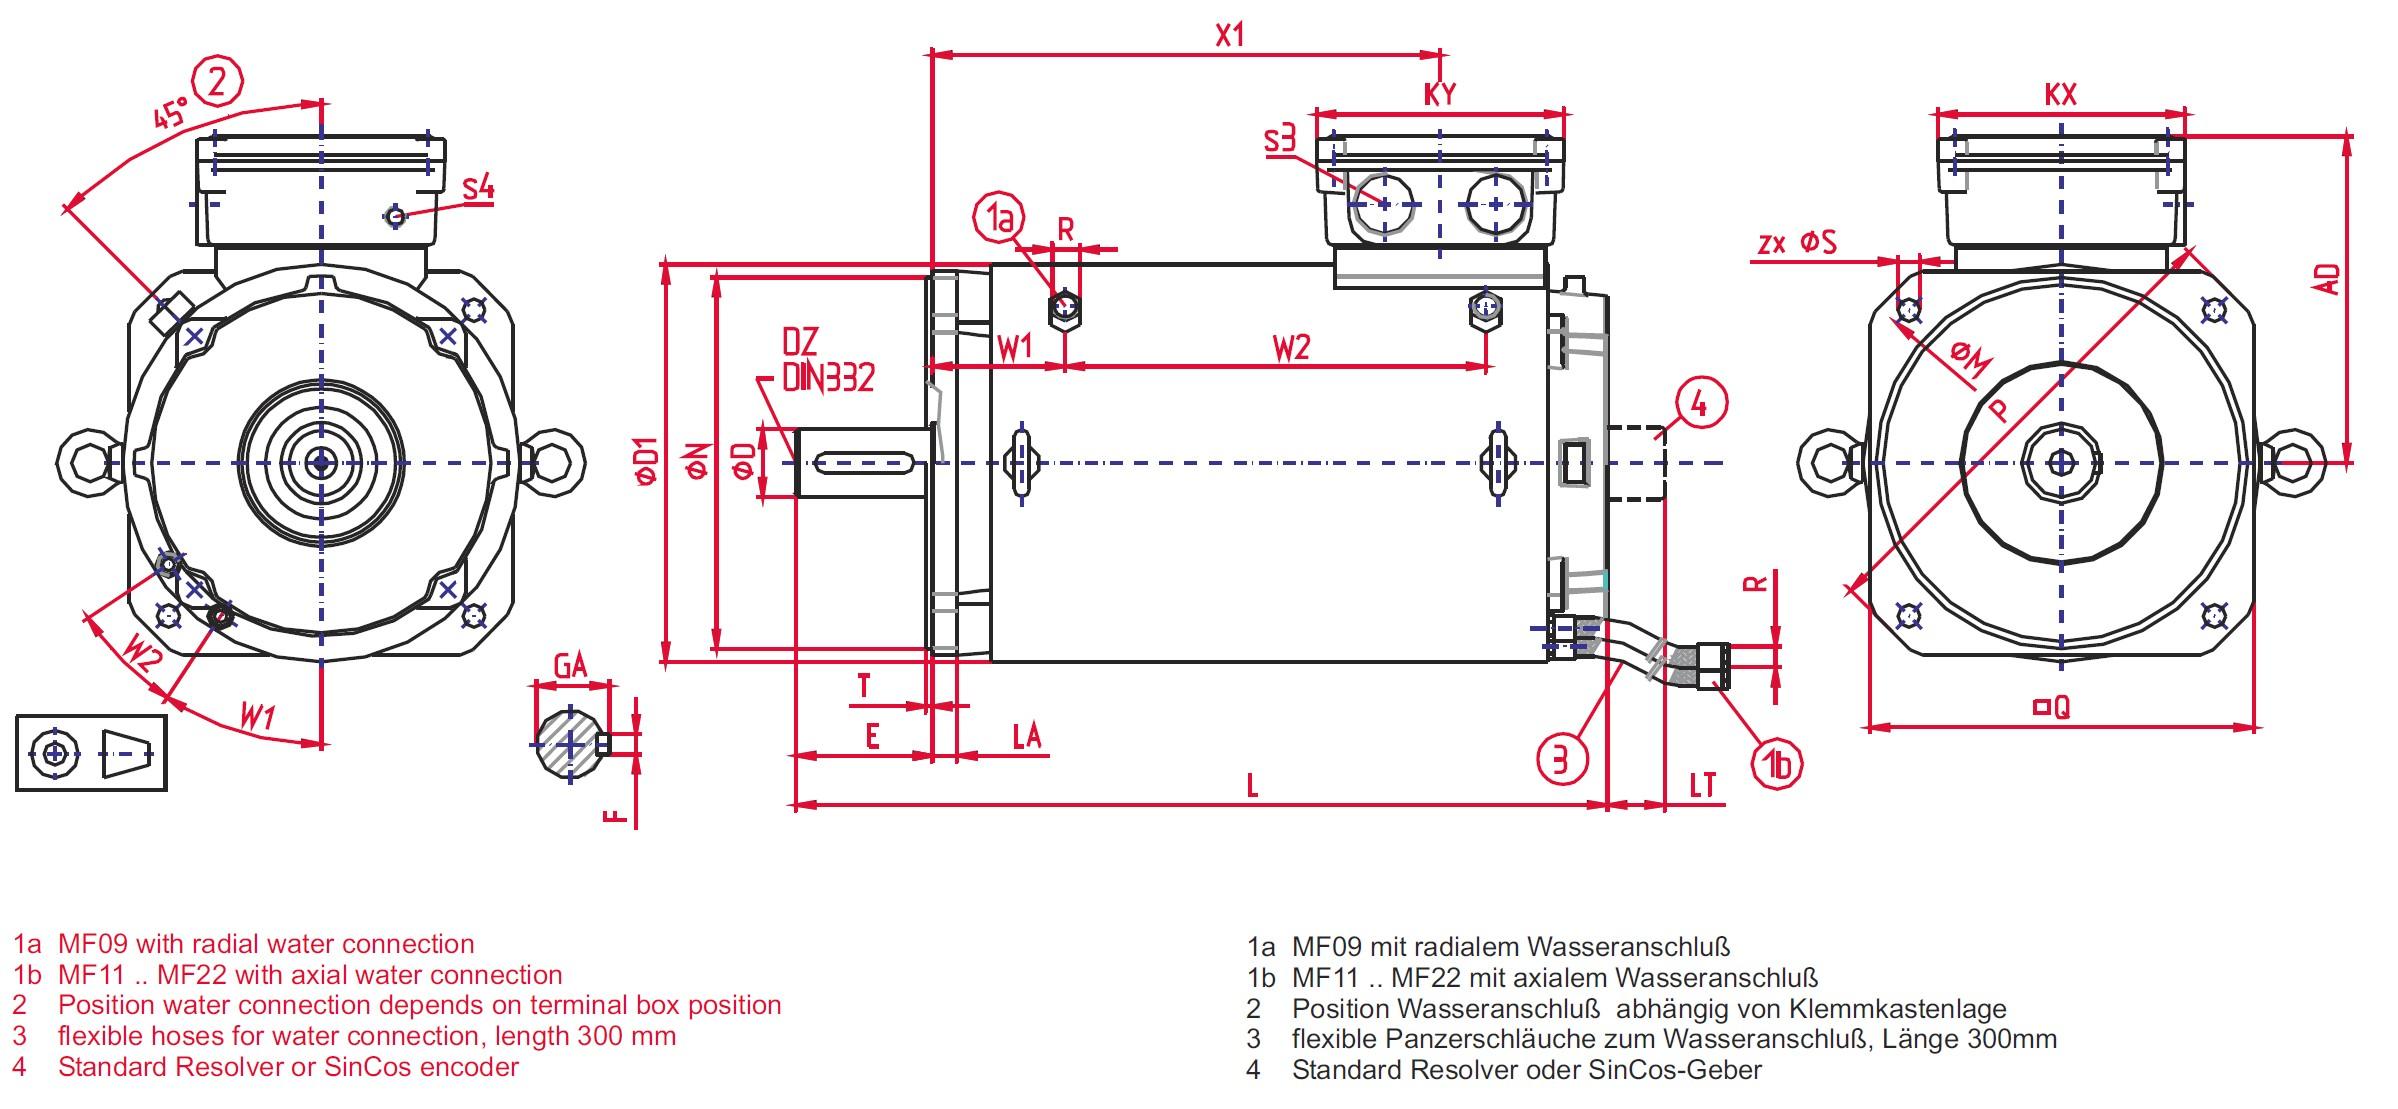 Motor Wiring Diagram 3 Phase Oswald Mf Synchronous Motors Of Motor Wiring Diagram 3 Phase